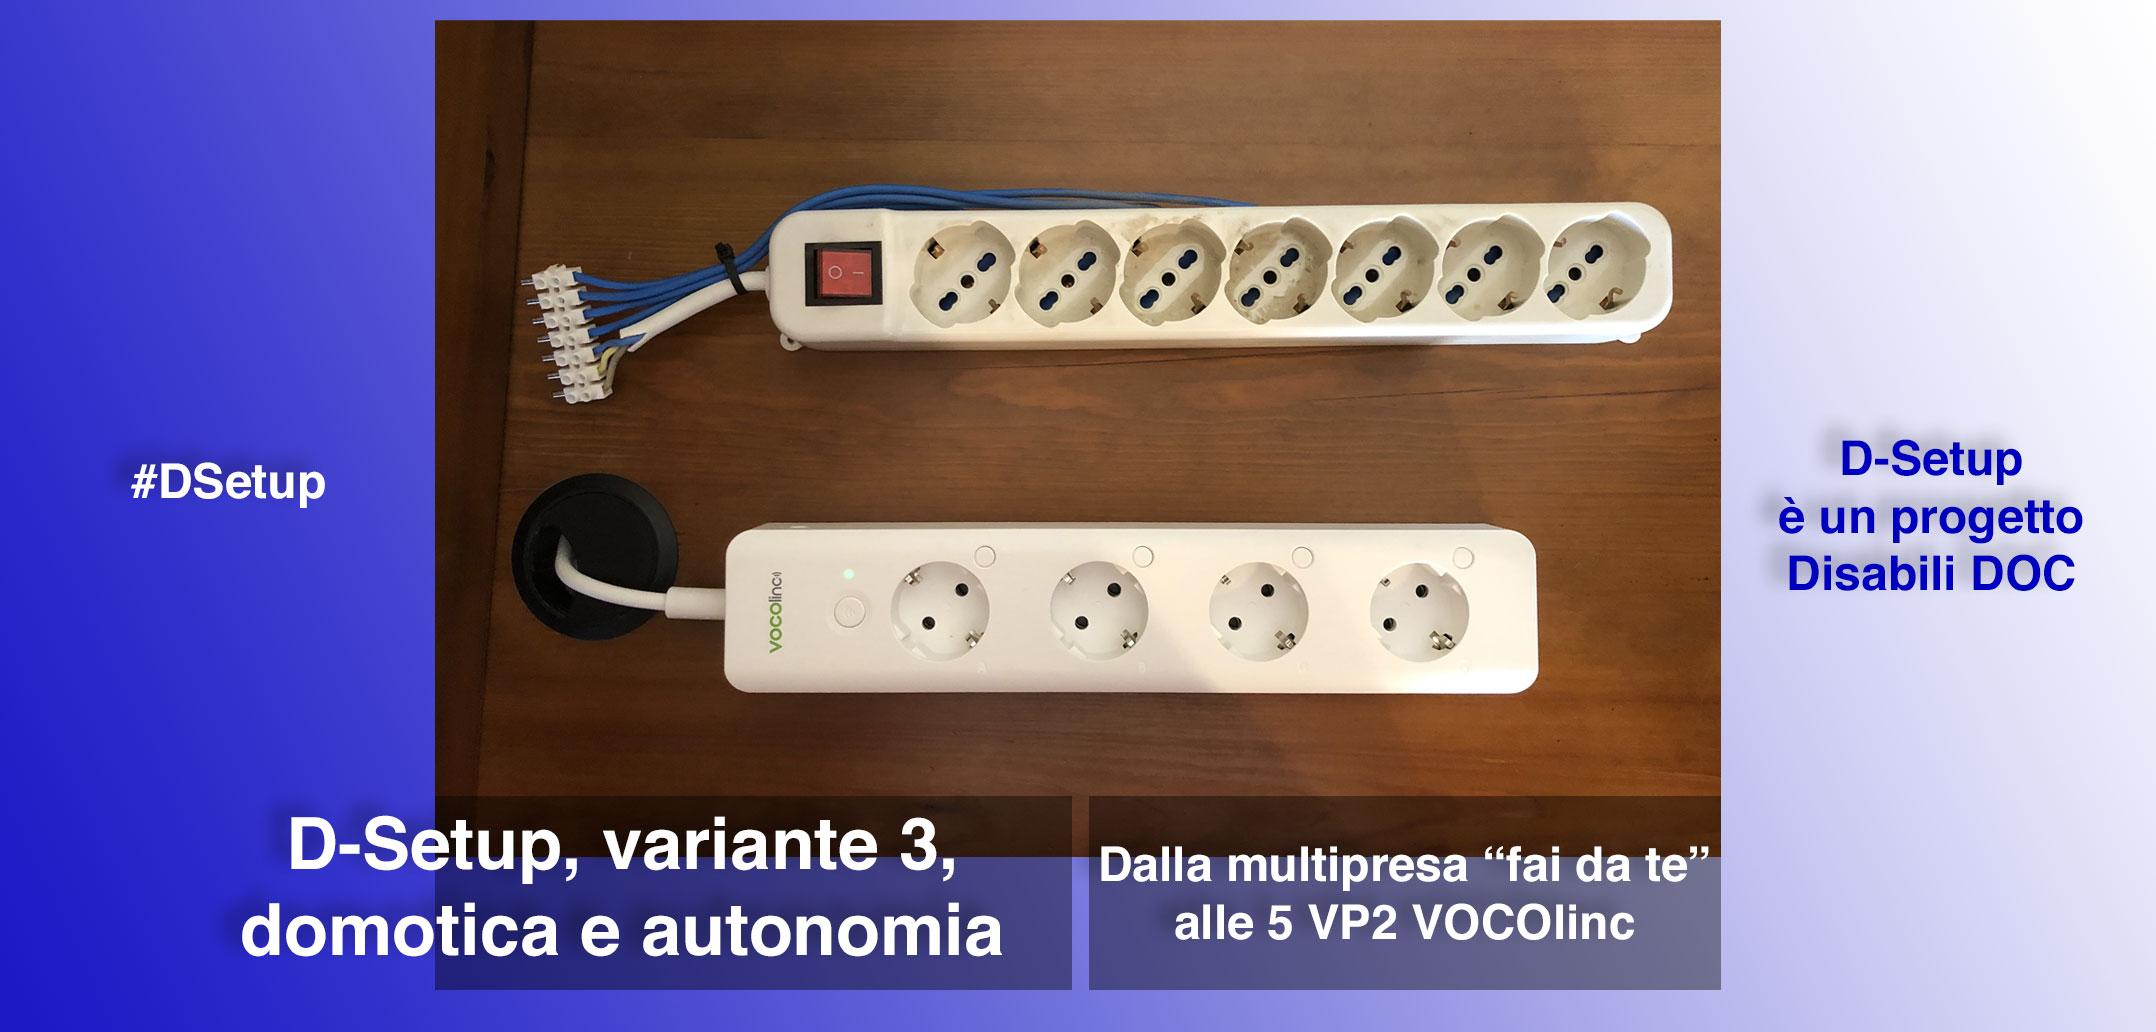 #DSetup / Parte 3ª / 5 multiprese smart VOCOlinc VP2 protagoniste dell'evoluzione domotica 2020 del D-Setup